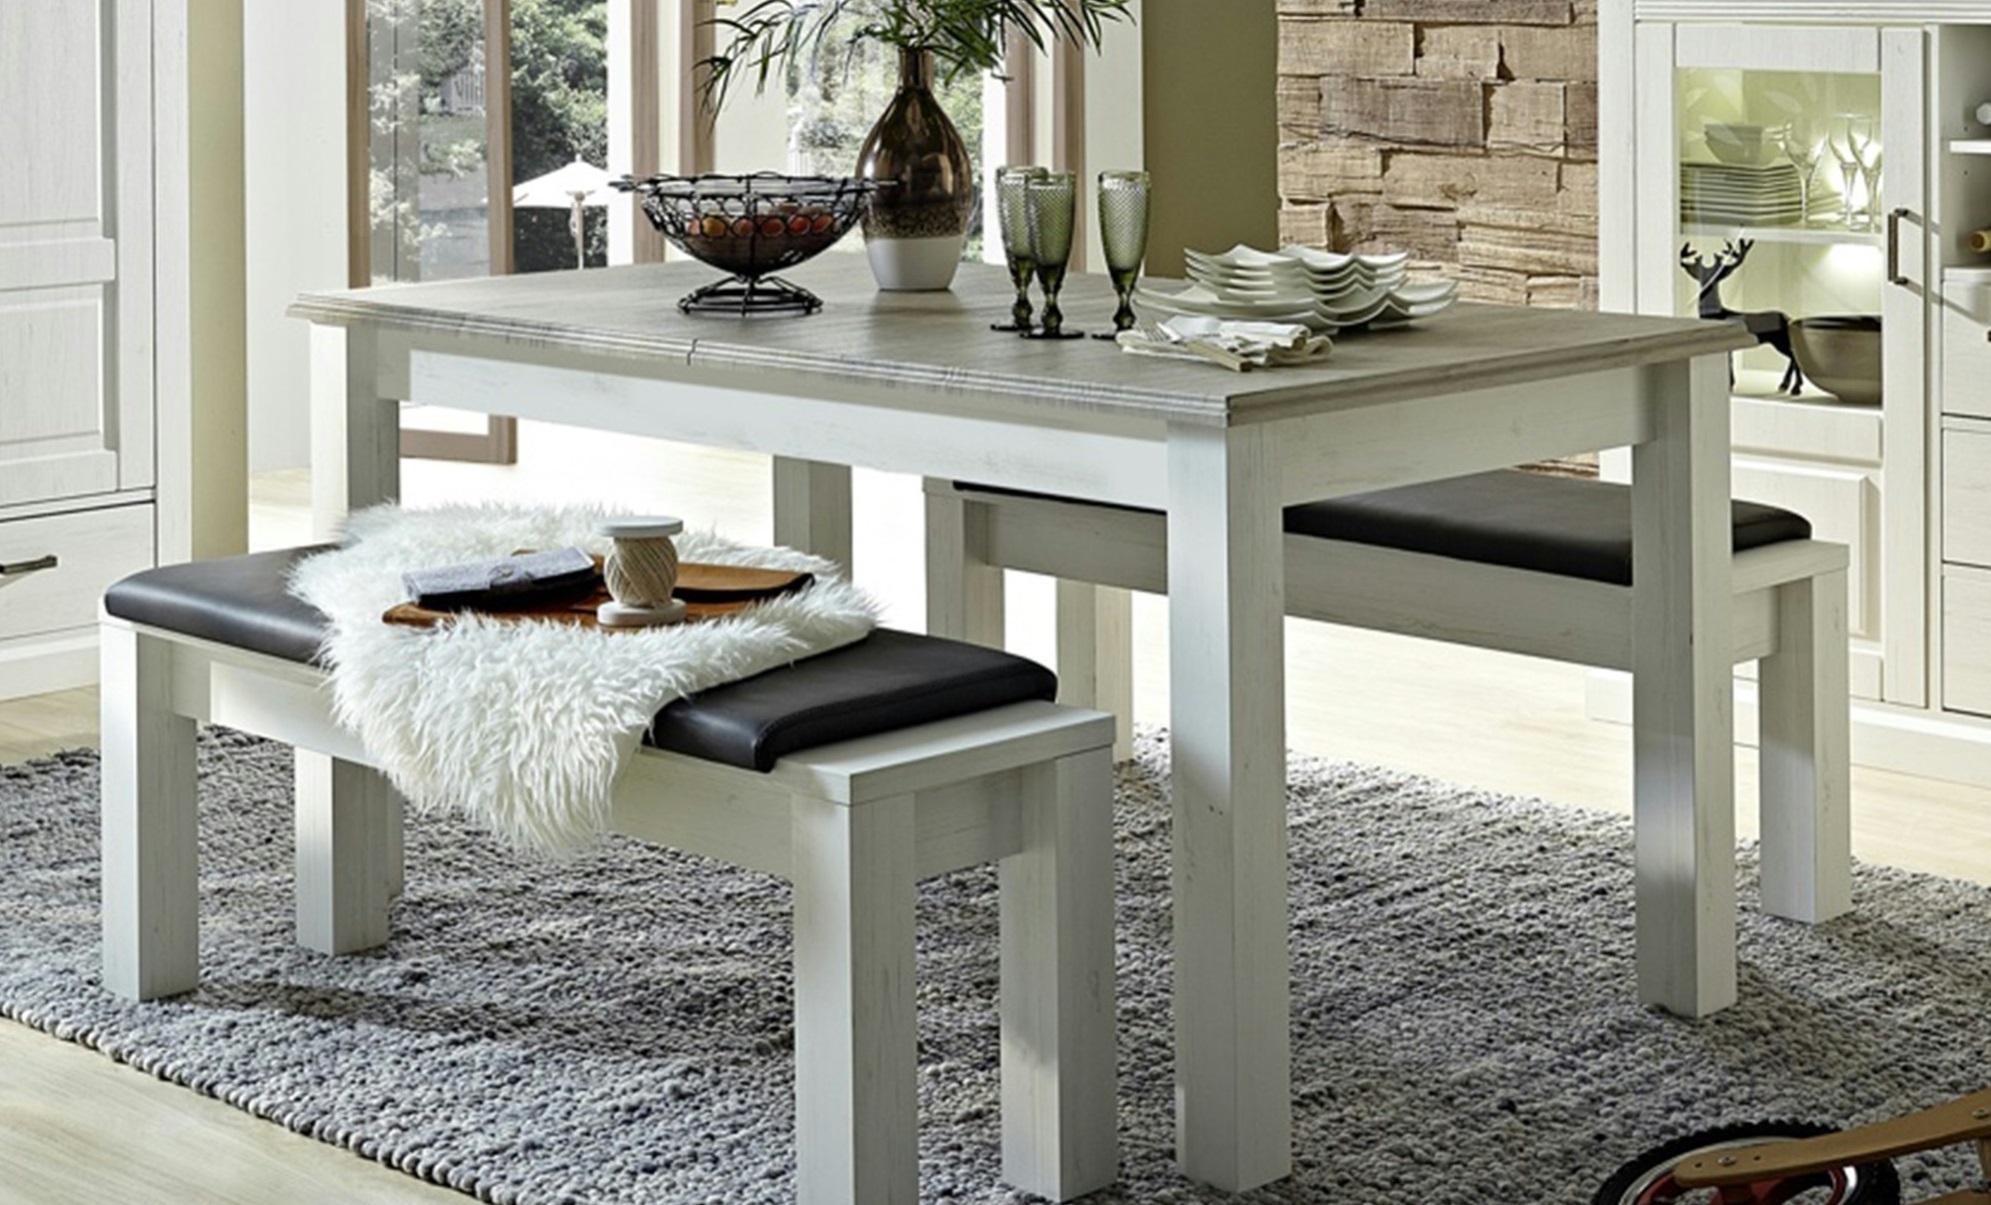 Lavice a jídelní stůl z nábytkového programu Lima